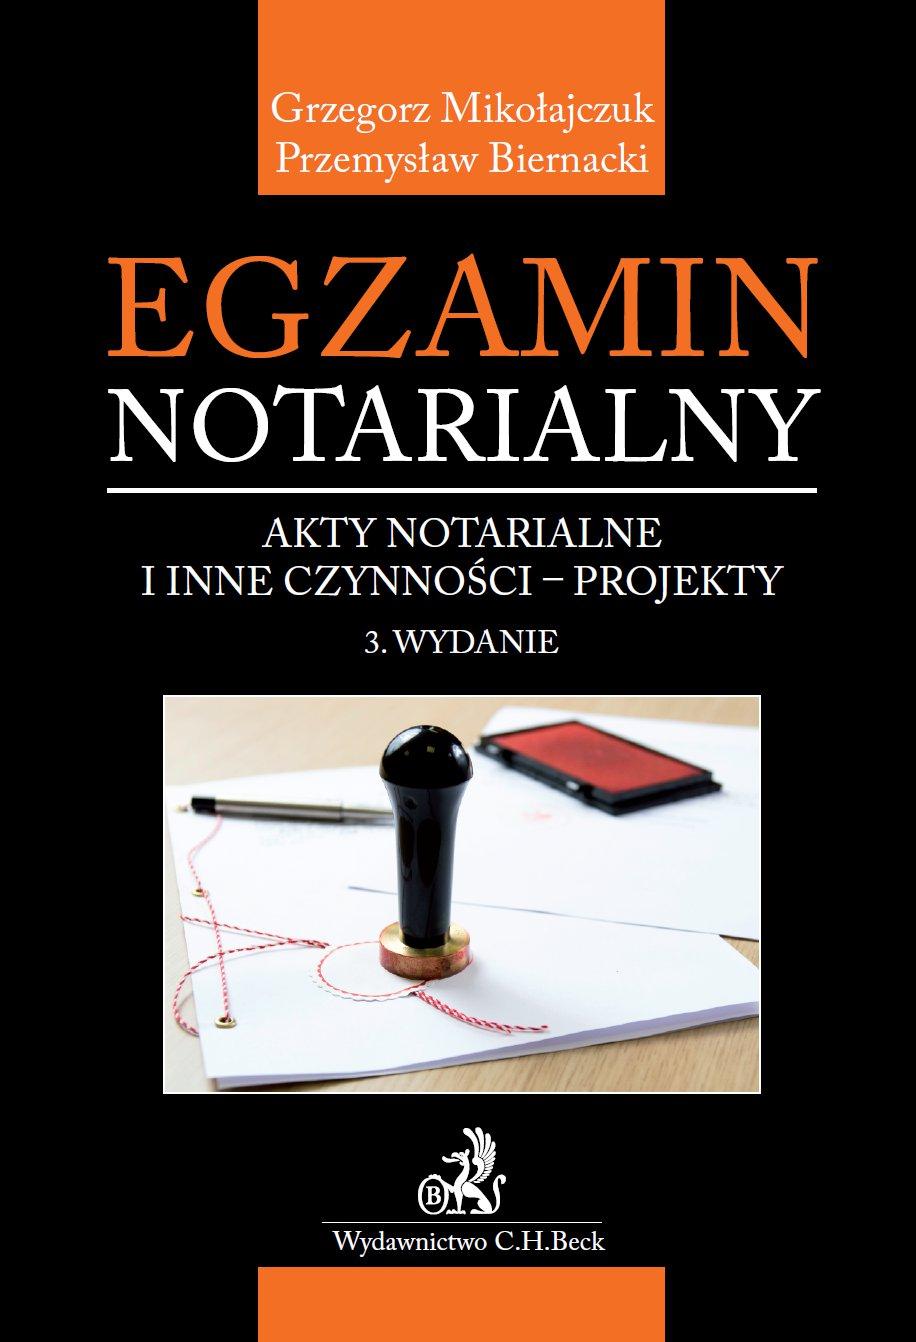 Egzamin notarialny. Akty notarialne i inne czynności - projekty. Wydanie 3 - Ebook (Książka PDF) do pobrania w formacie PDF